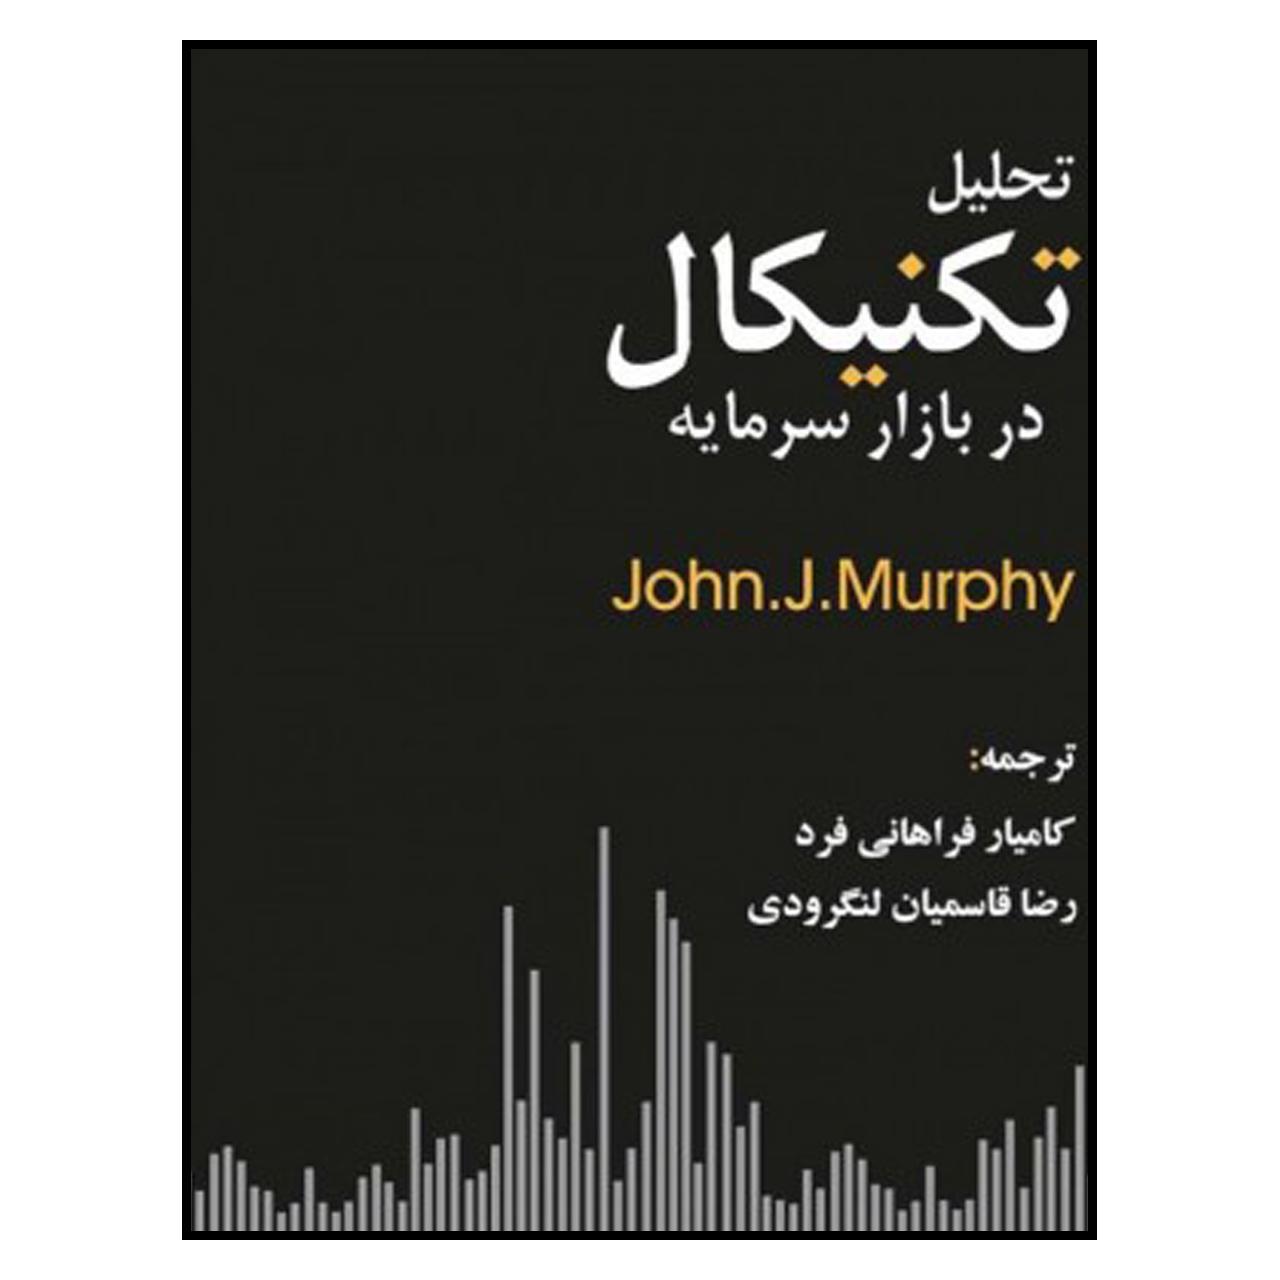 کتاب تحلیل تکنیکال در بازار سرمایه اثر جان جی.مورفی نشر چالش